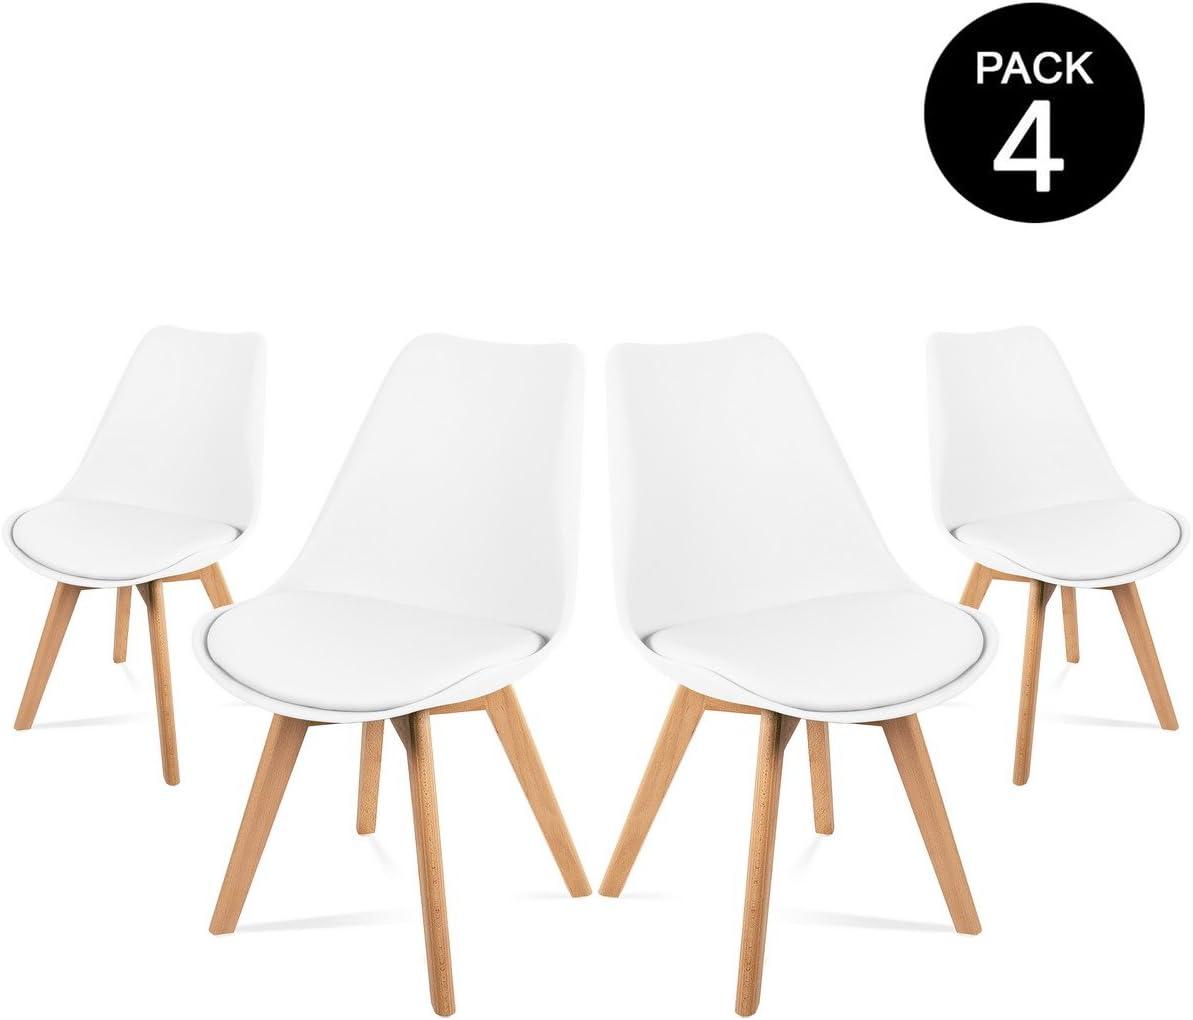 Mc Haus LENA - Pack 4 sillas Blancas Tulip Comedor oficina, Sillas Madera nórdicas con patas de madera y Asiento Acolchado suave, respaldo ergonómico 83x49x53,5cm